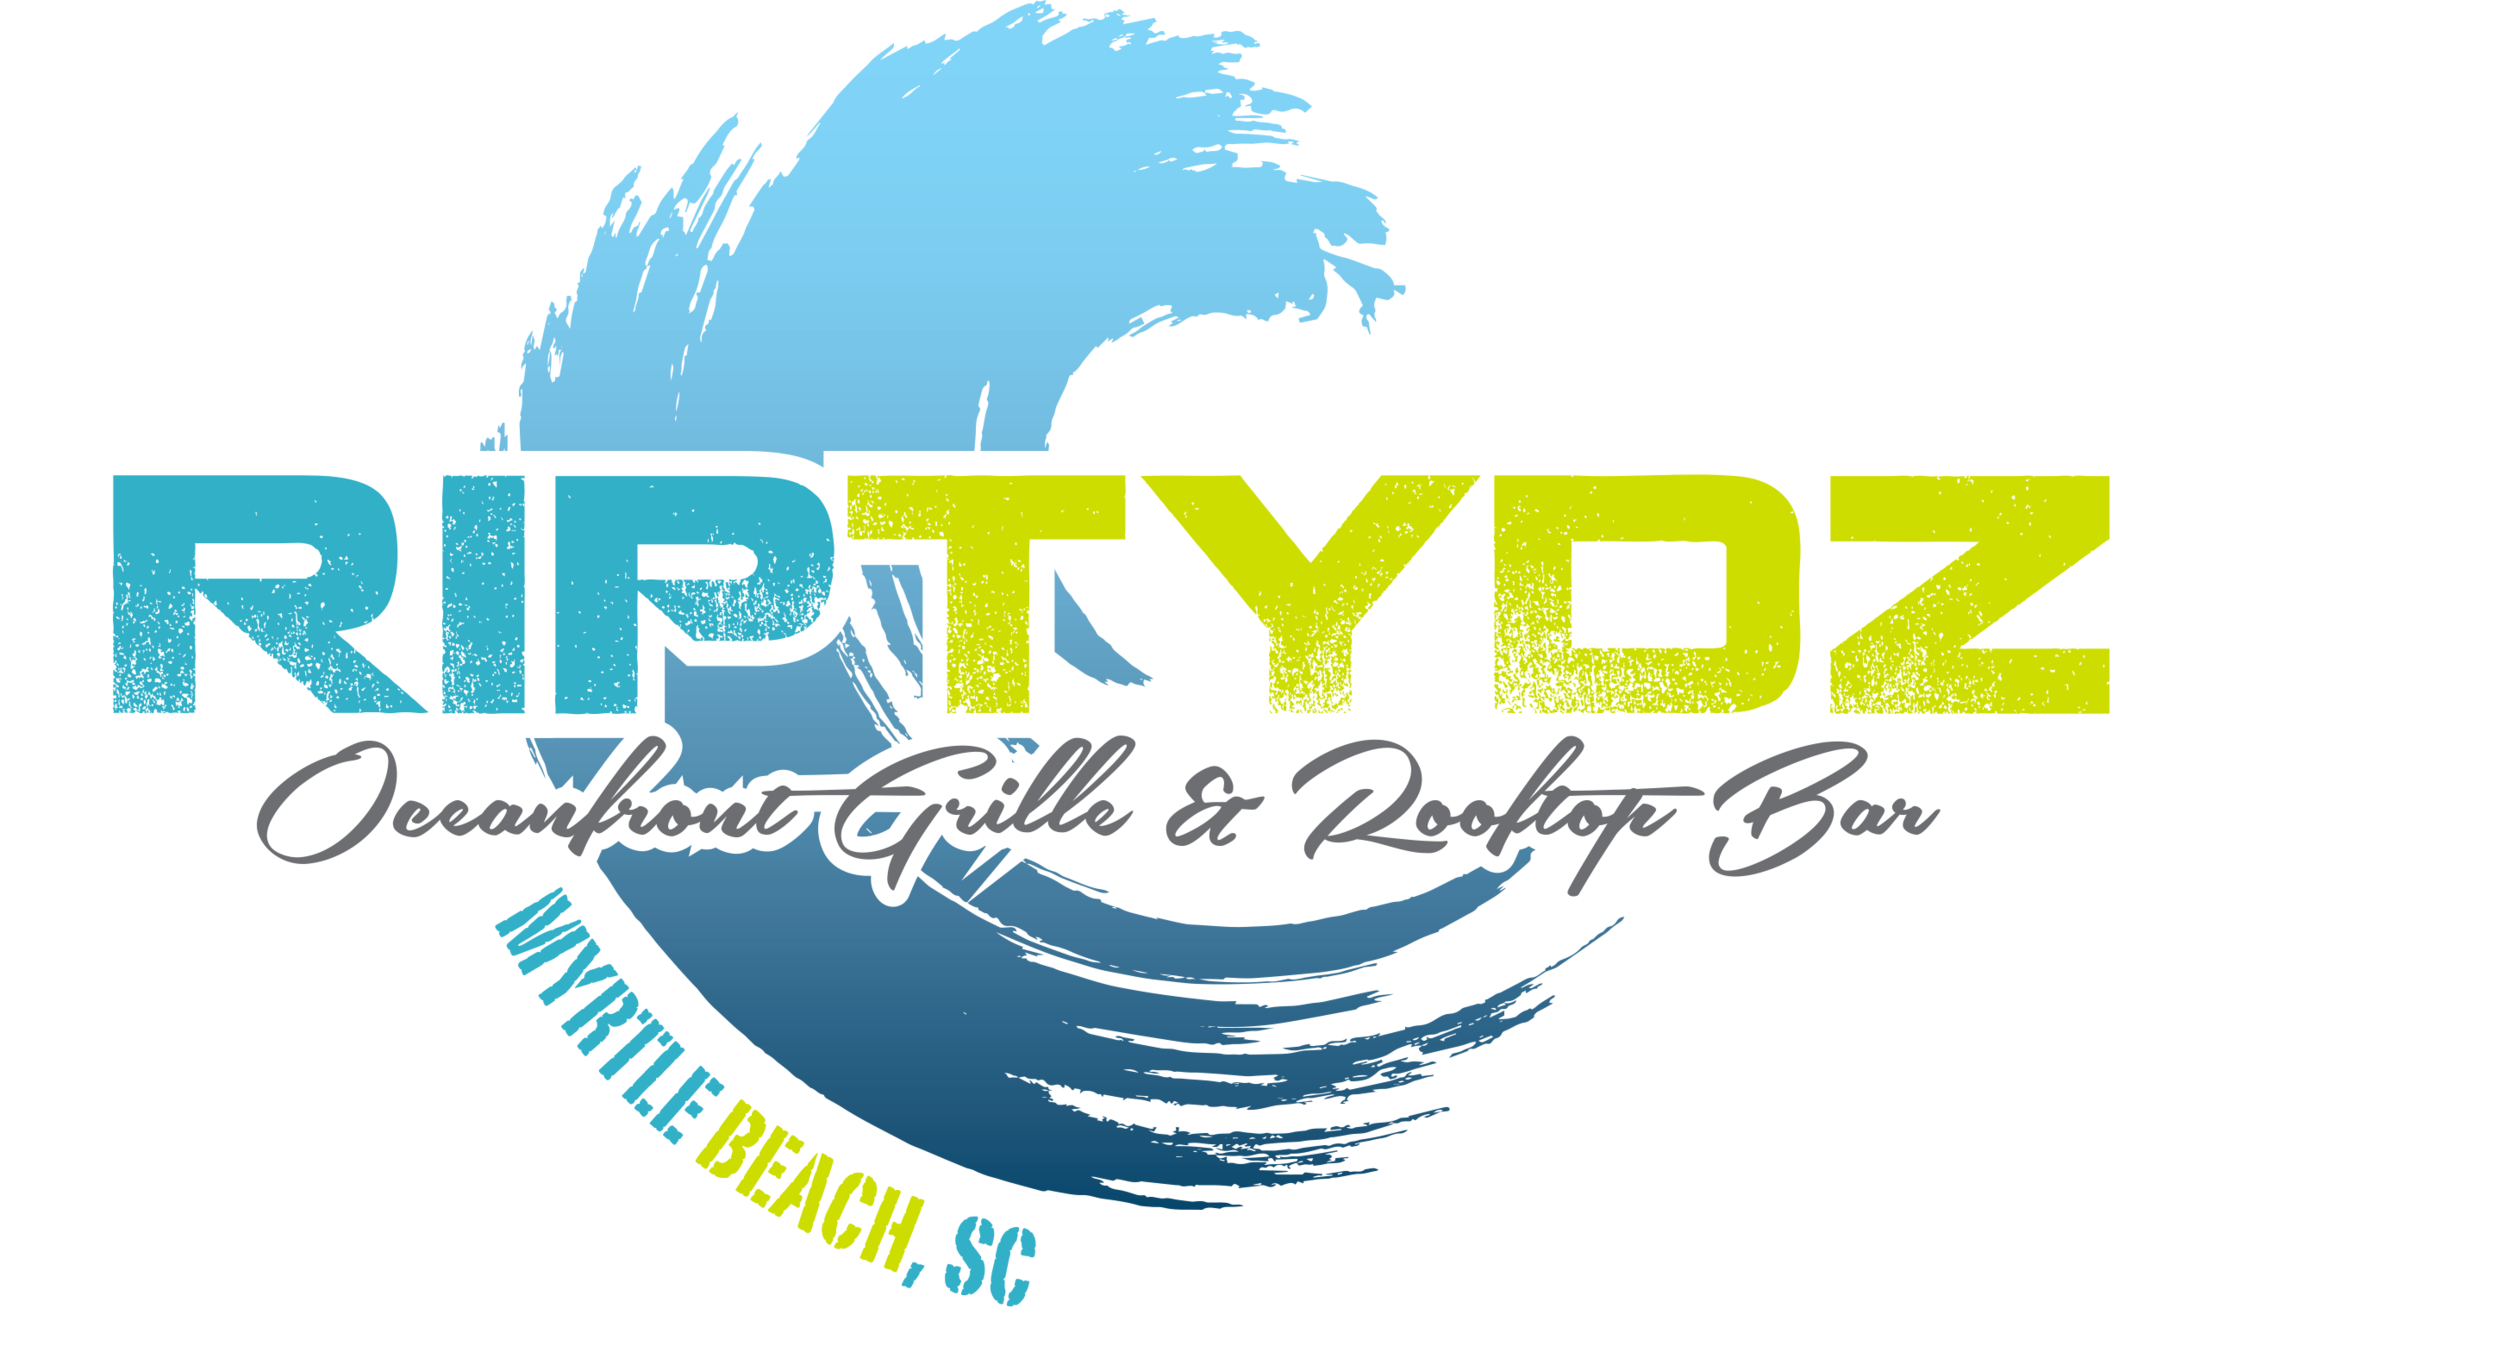 Riptydz logo.png